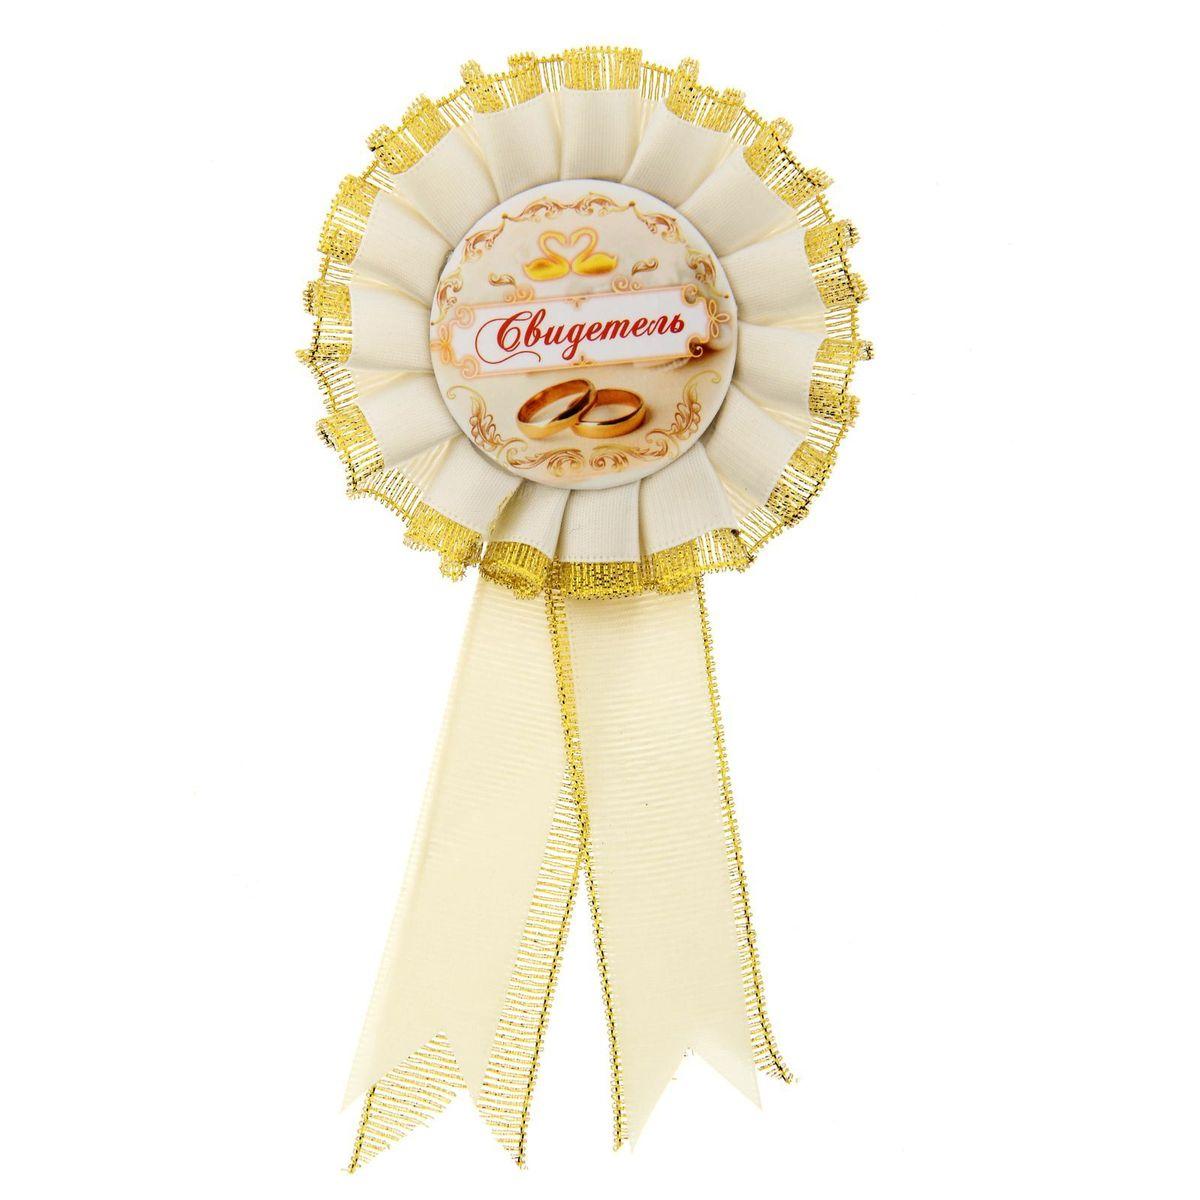 Значок-розетка Sima-land Свидетель, цвет: желтый, 17,5 x 8 x 2 см1235416Когда на носу торжественное событие, так хочется окружить себя яркими красками и счастливыми улыбками! Порадуйте родных и близких эффектной и позитивной наградой, которую уж точно будет видно издалека!Свадебный значок Свидетель изготовлен из лёгкого пластика и декорирован бежевыми лентами. Аксессуар поможет создать праздничное настроение на свадьбе и подчеркнёт важность роли гостя. Изделие дополнено булавкой, чтобы его сразу можно было надеть. Значок обязательно придётся по вкусу тому, кто любит быть в центре внимания.Станьте свидетелями счастья!